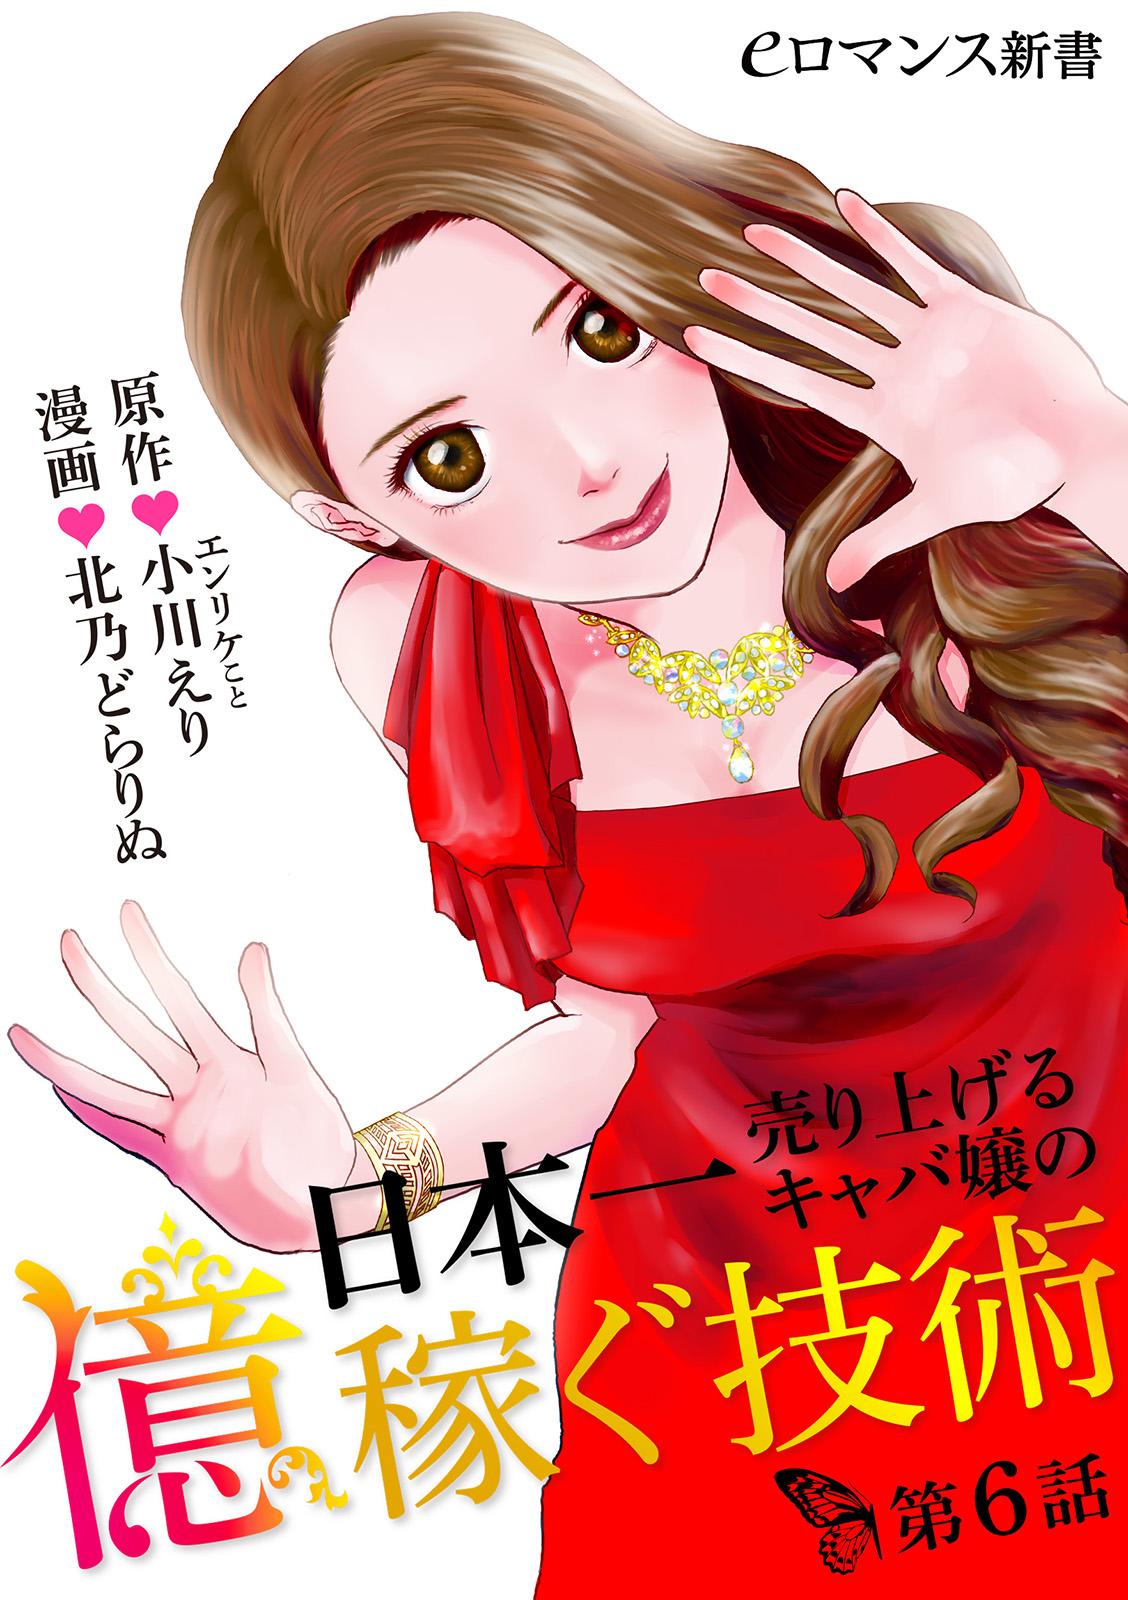 日本一売り上げるキャバ嬢の億稼ぐ技術【第6話】